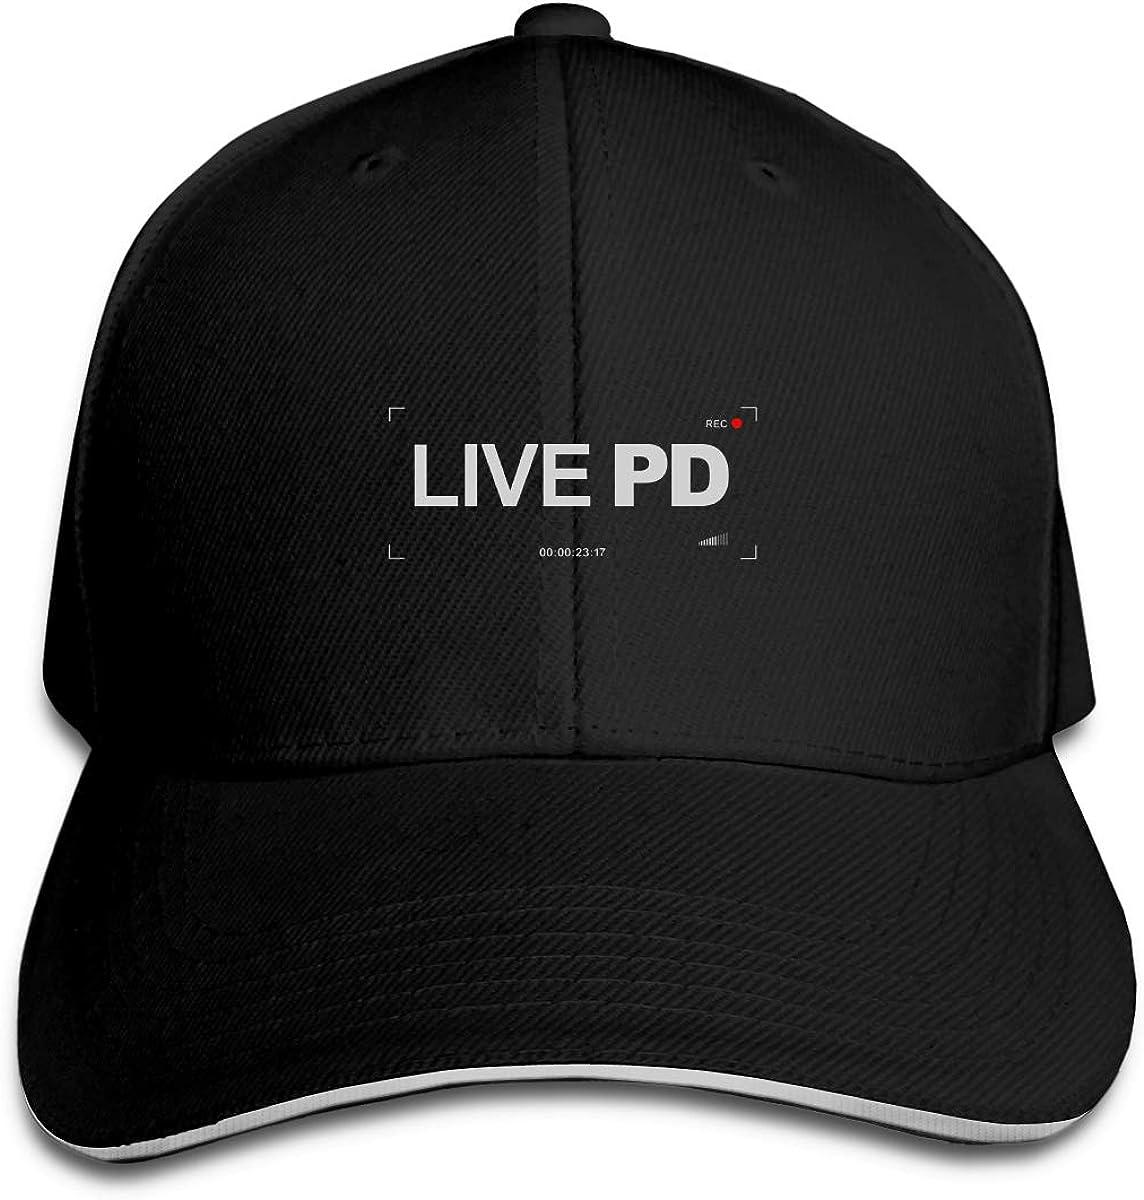 Rec-Live-PD Classic Adjustable Cotton Baseball Caps Trucker Driver Hat Outdoor Cap Black